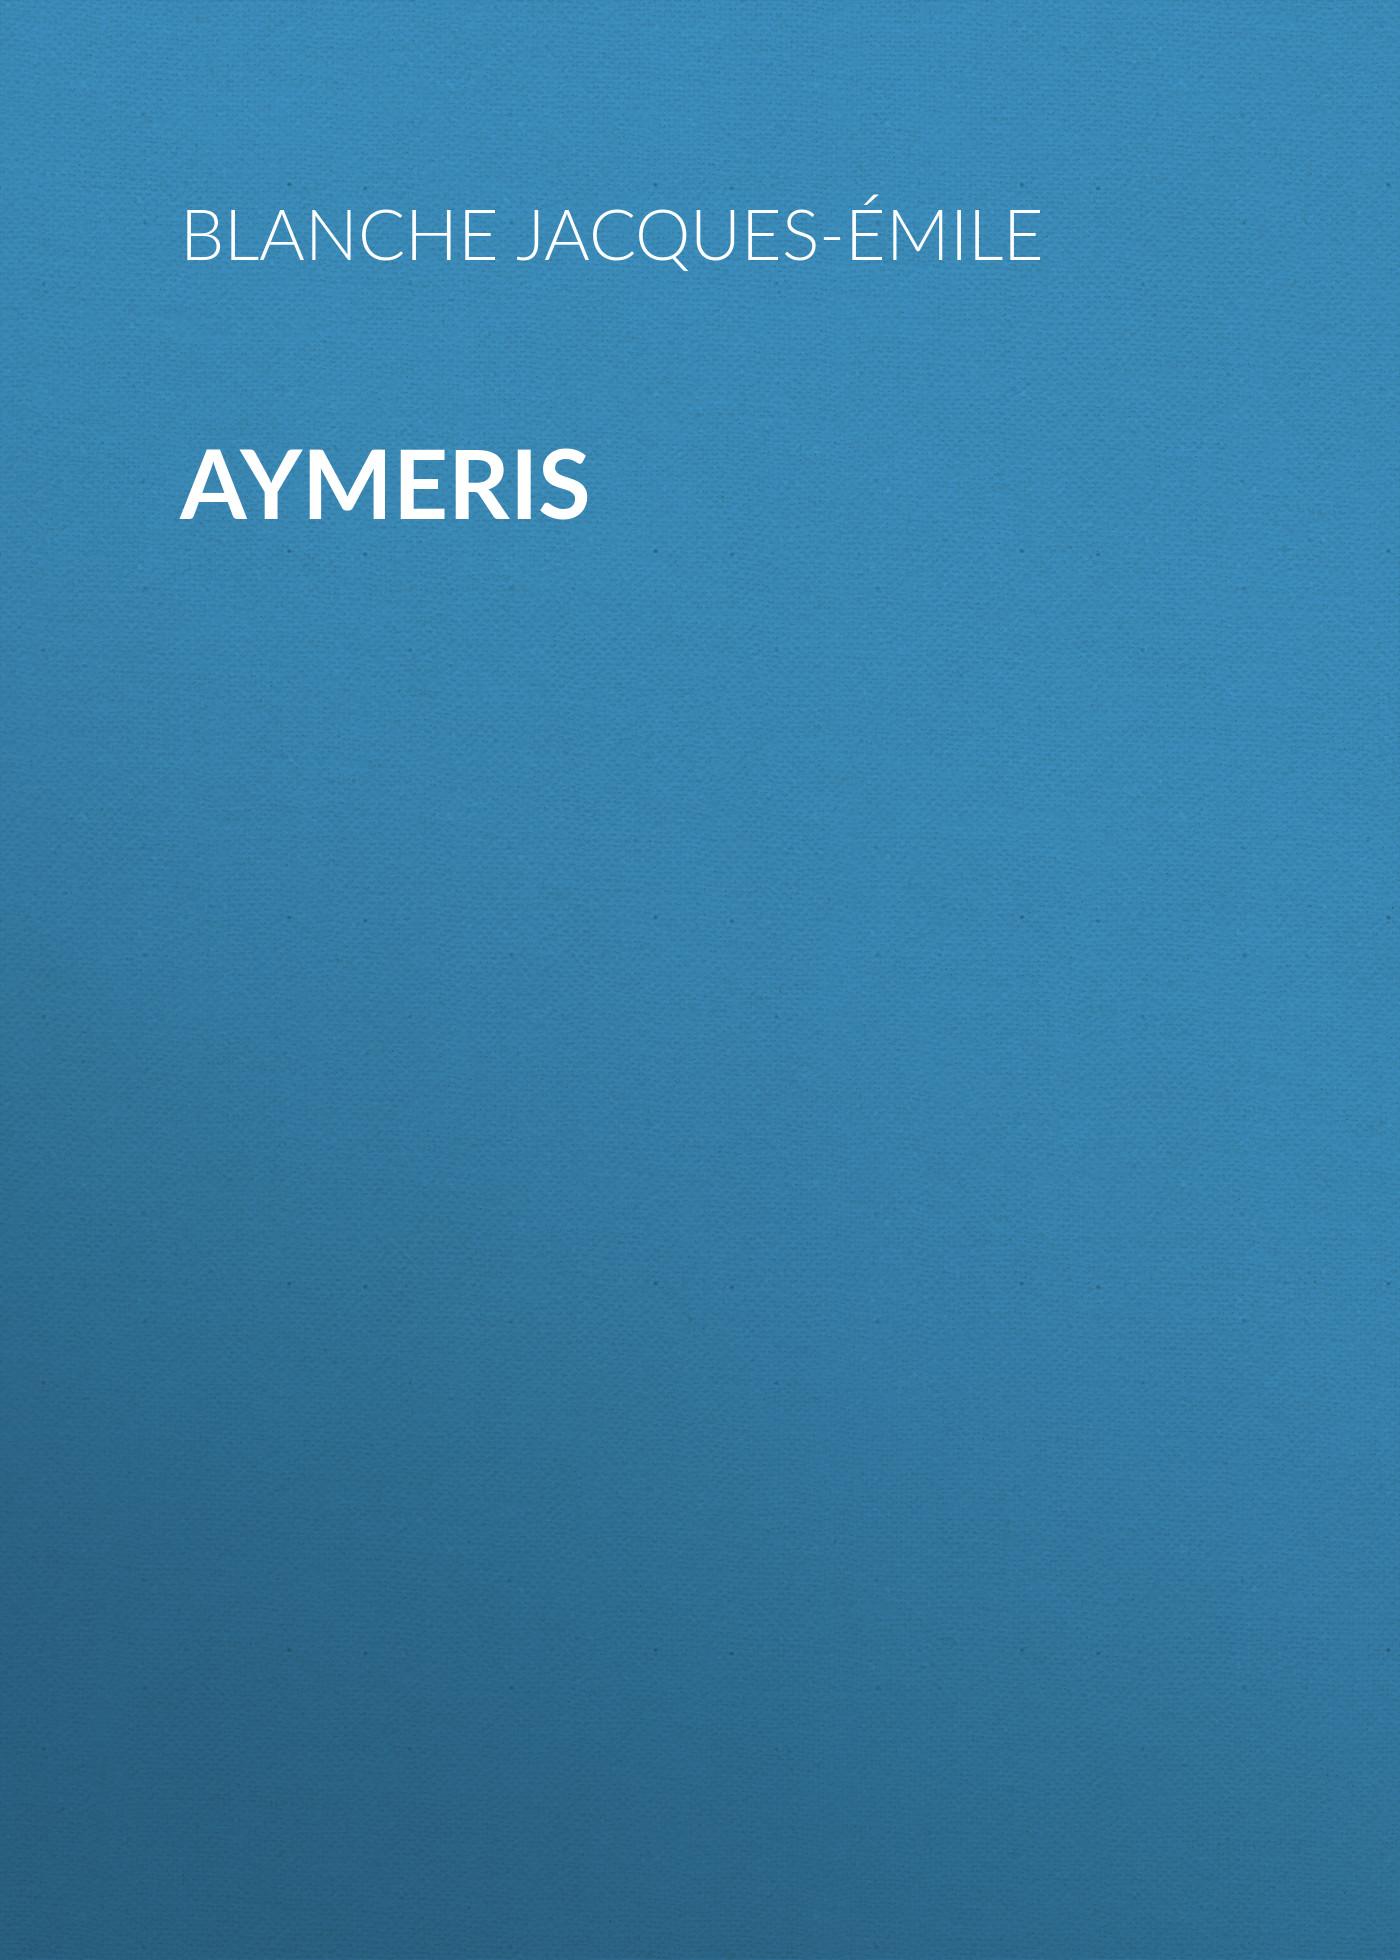 Blanche Jacques-Émile Aymeris